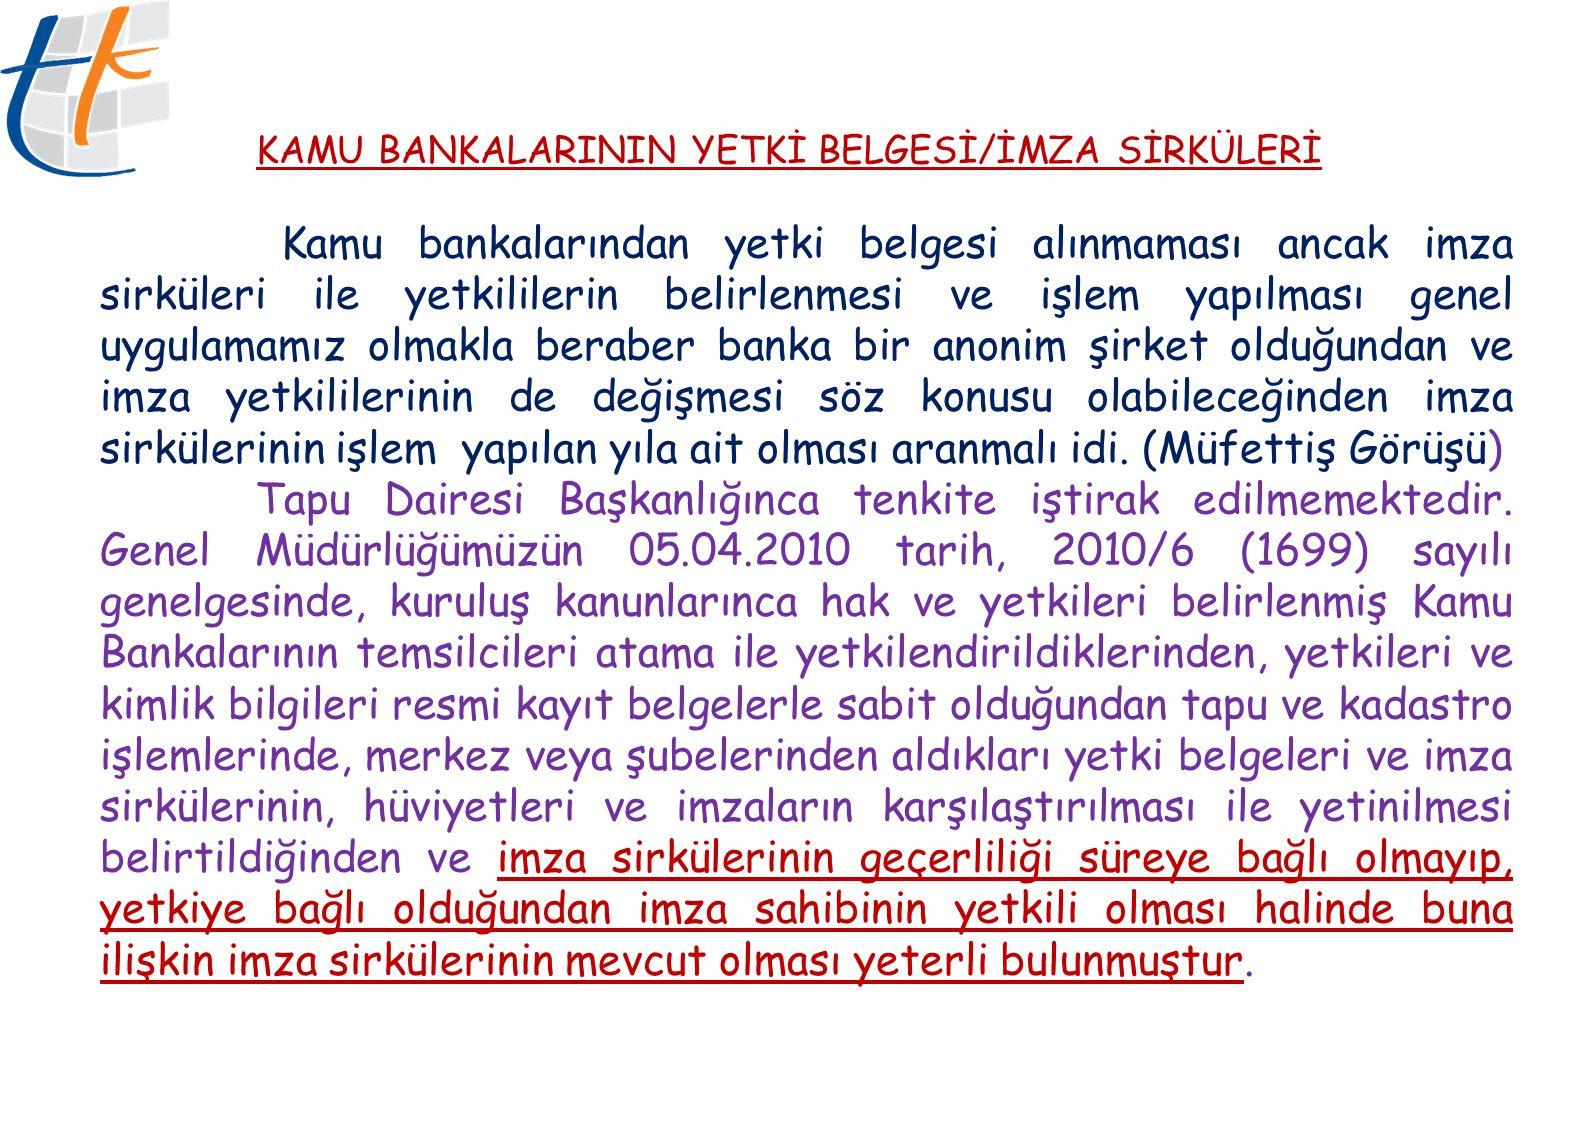 KAMU BANKALARININ YETKİ BELGESİ/İMZA SİRKÜLERİ Kamu bankalarından yetki belgesi alınmaması ancak imza sirküleri ile yetkililerin belirlenmesi ve işlem